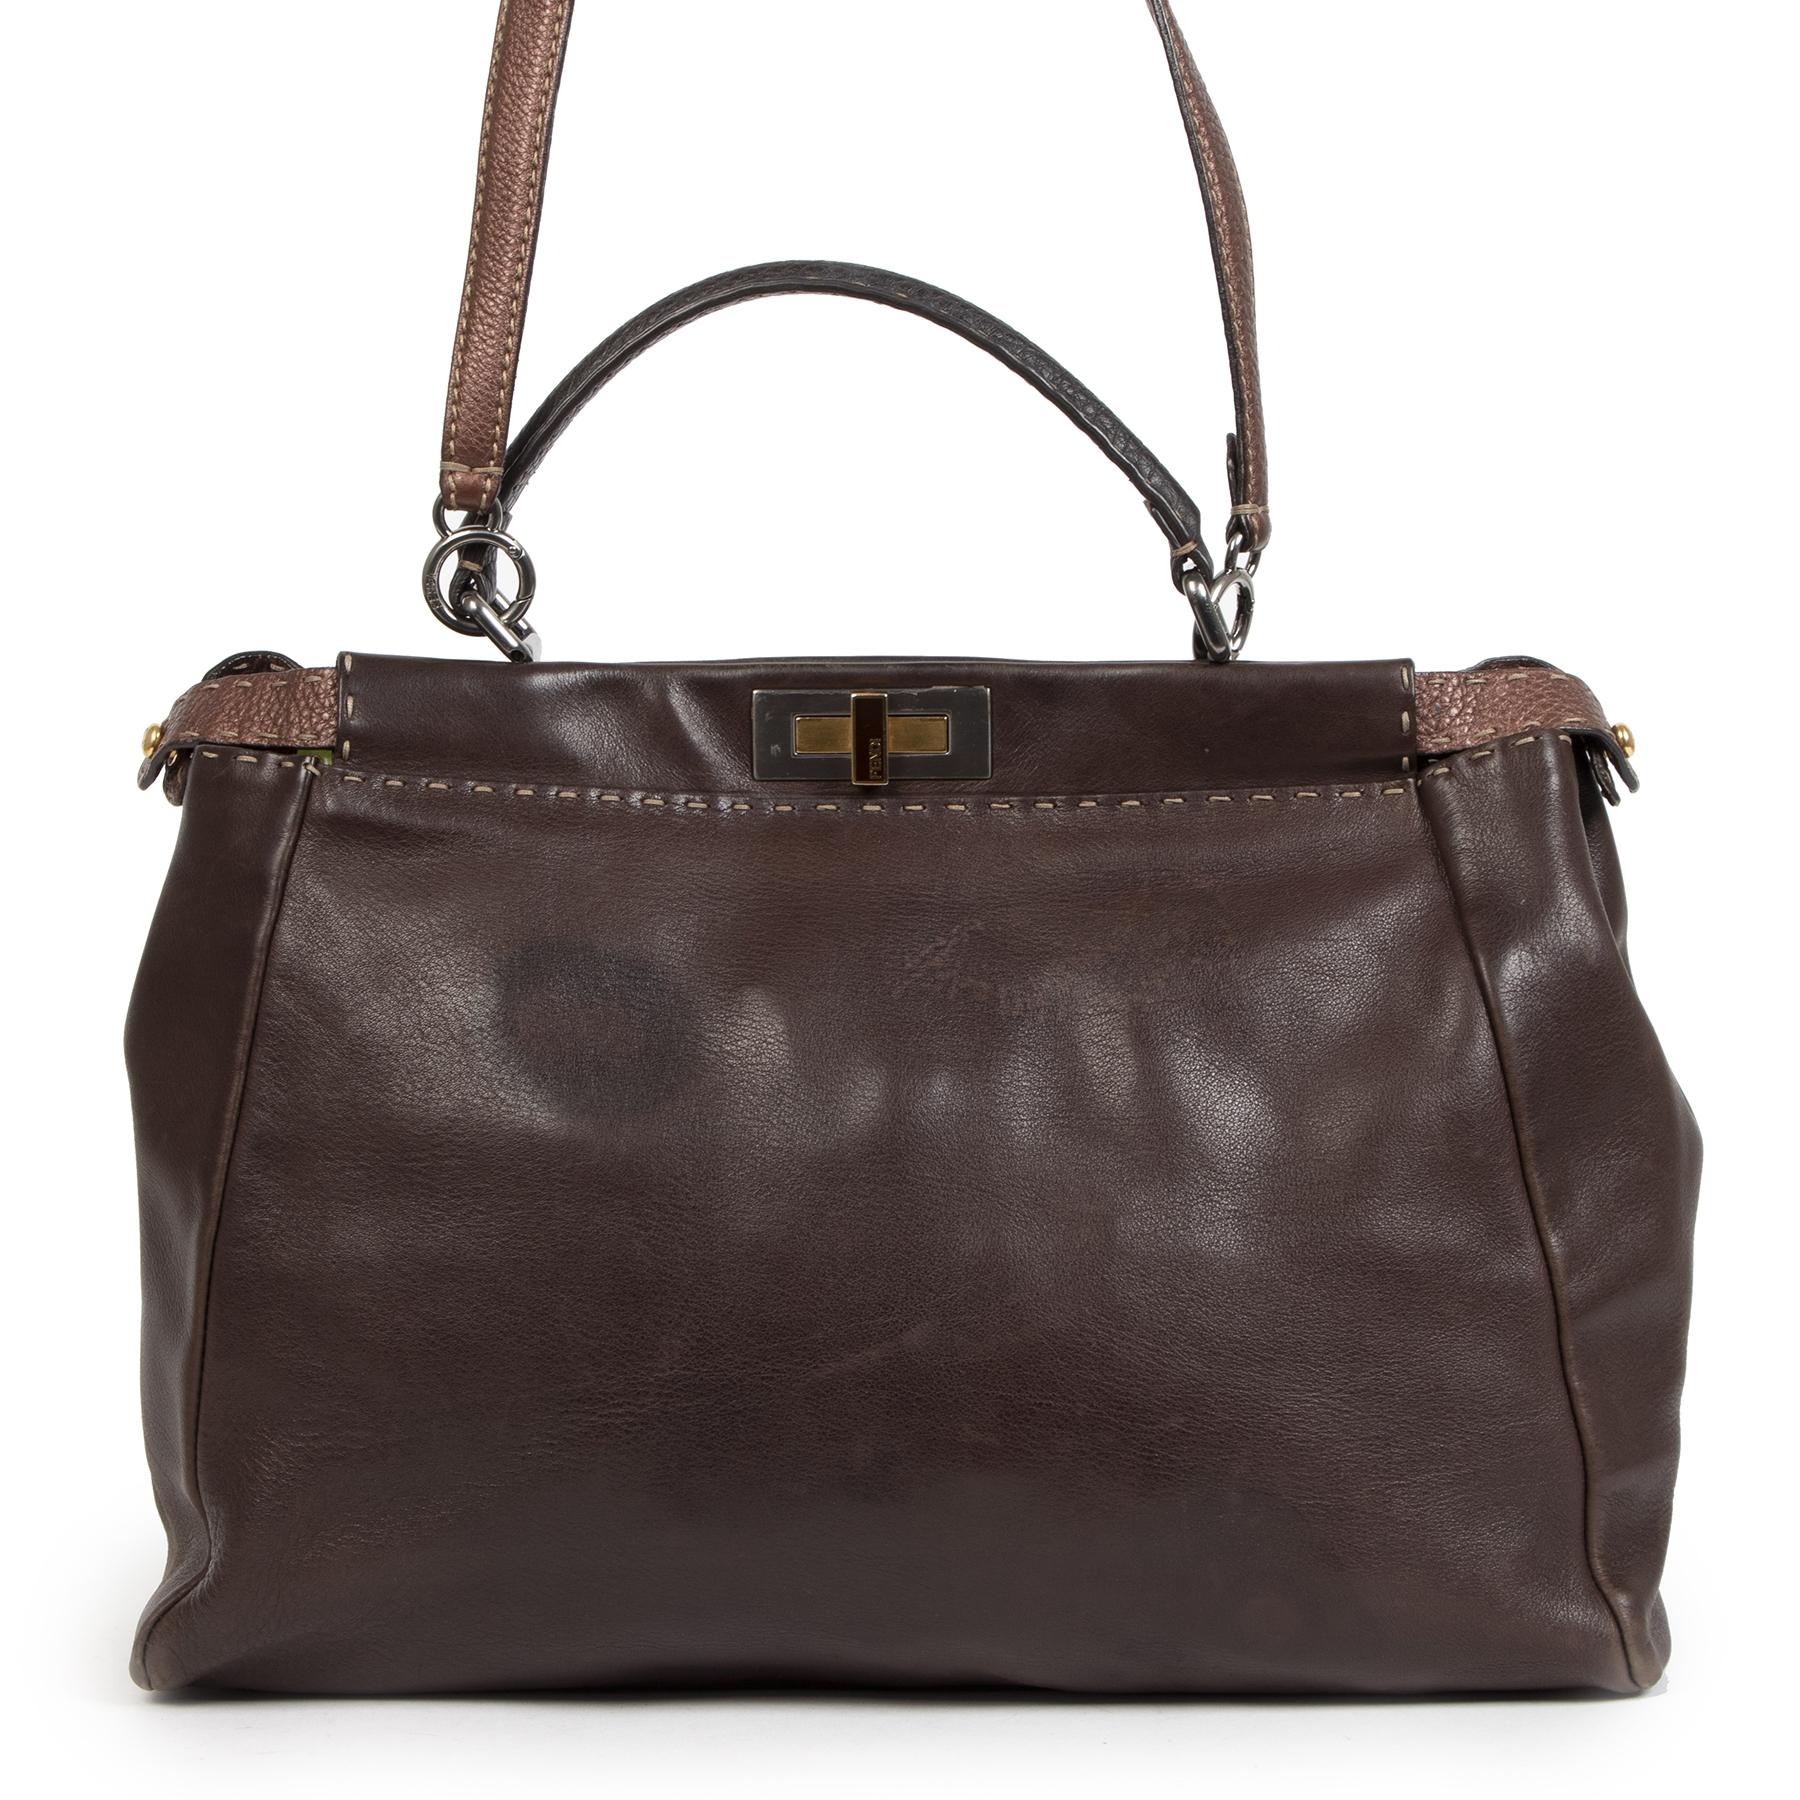 Authentieke tweedehands Fendi Peekaboo handtassen te koop bij LabelLOV aan de juiste prijs. Koop Veilig online bij LabelLOV.